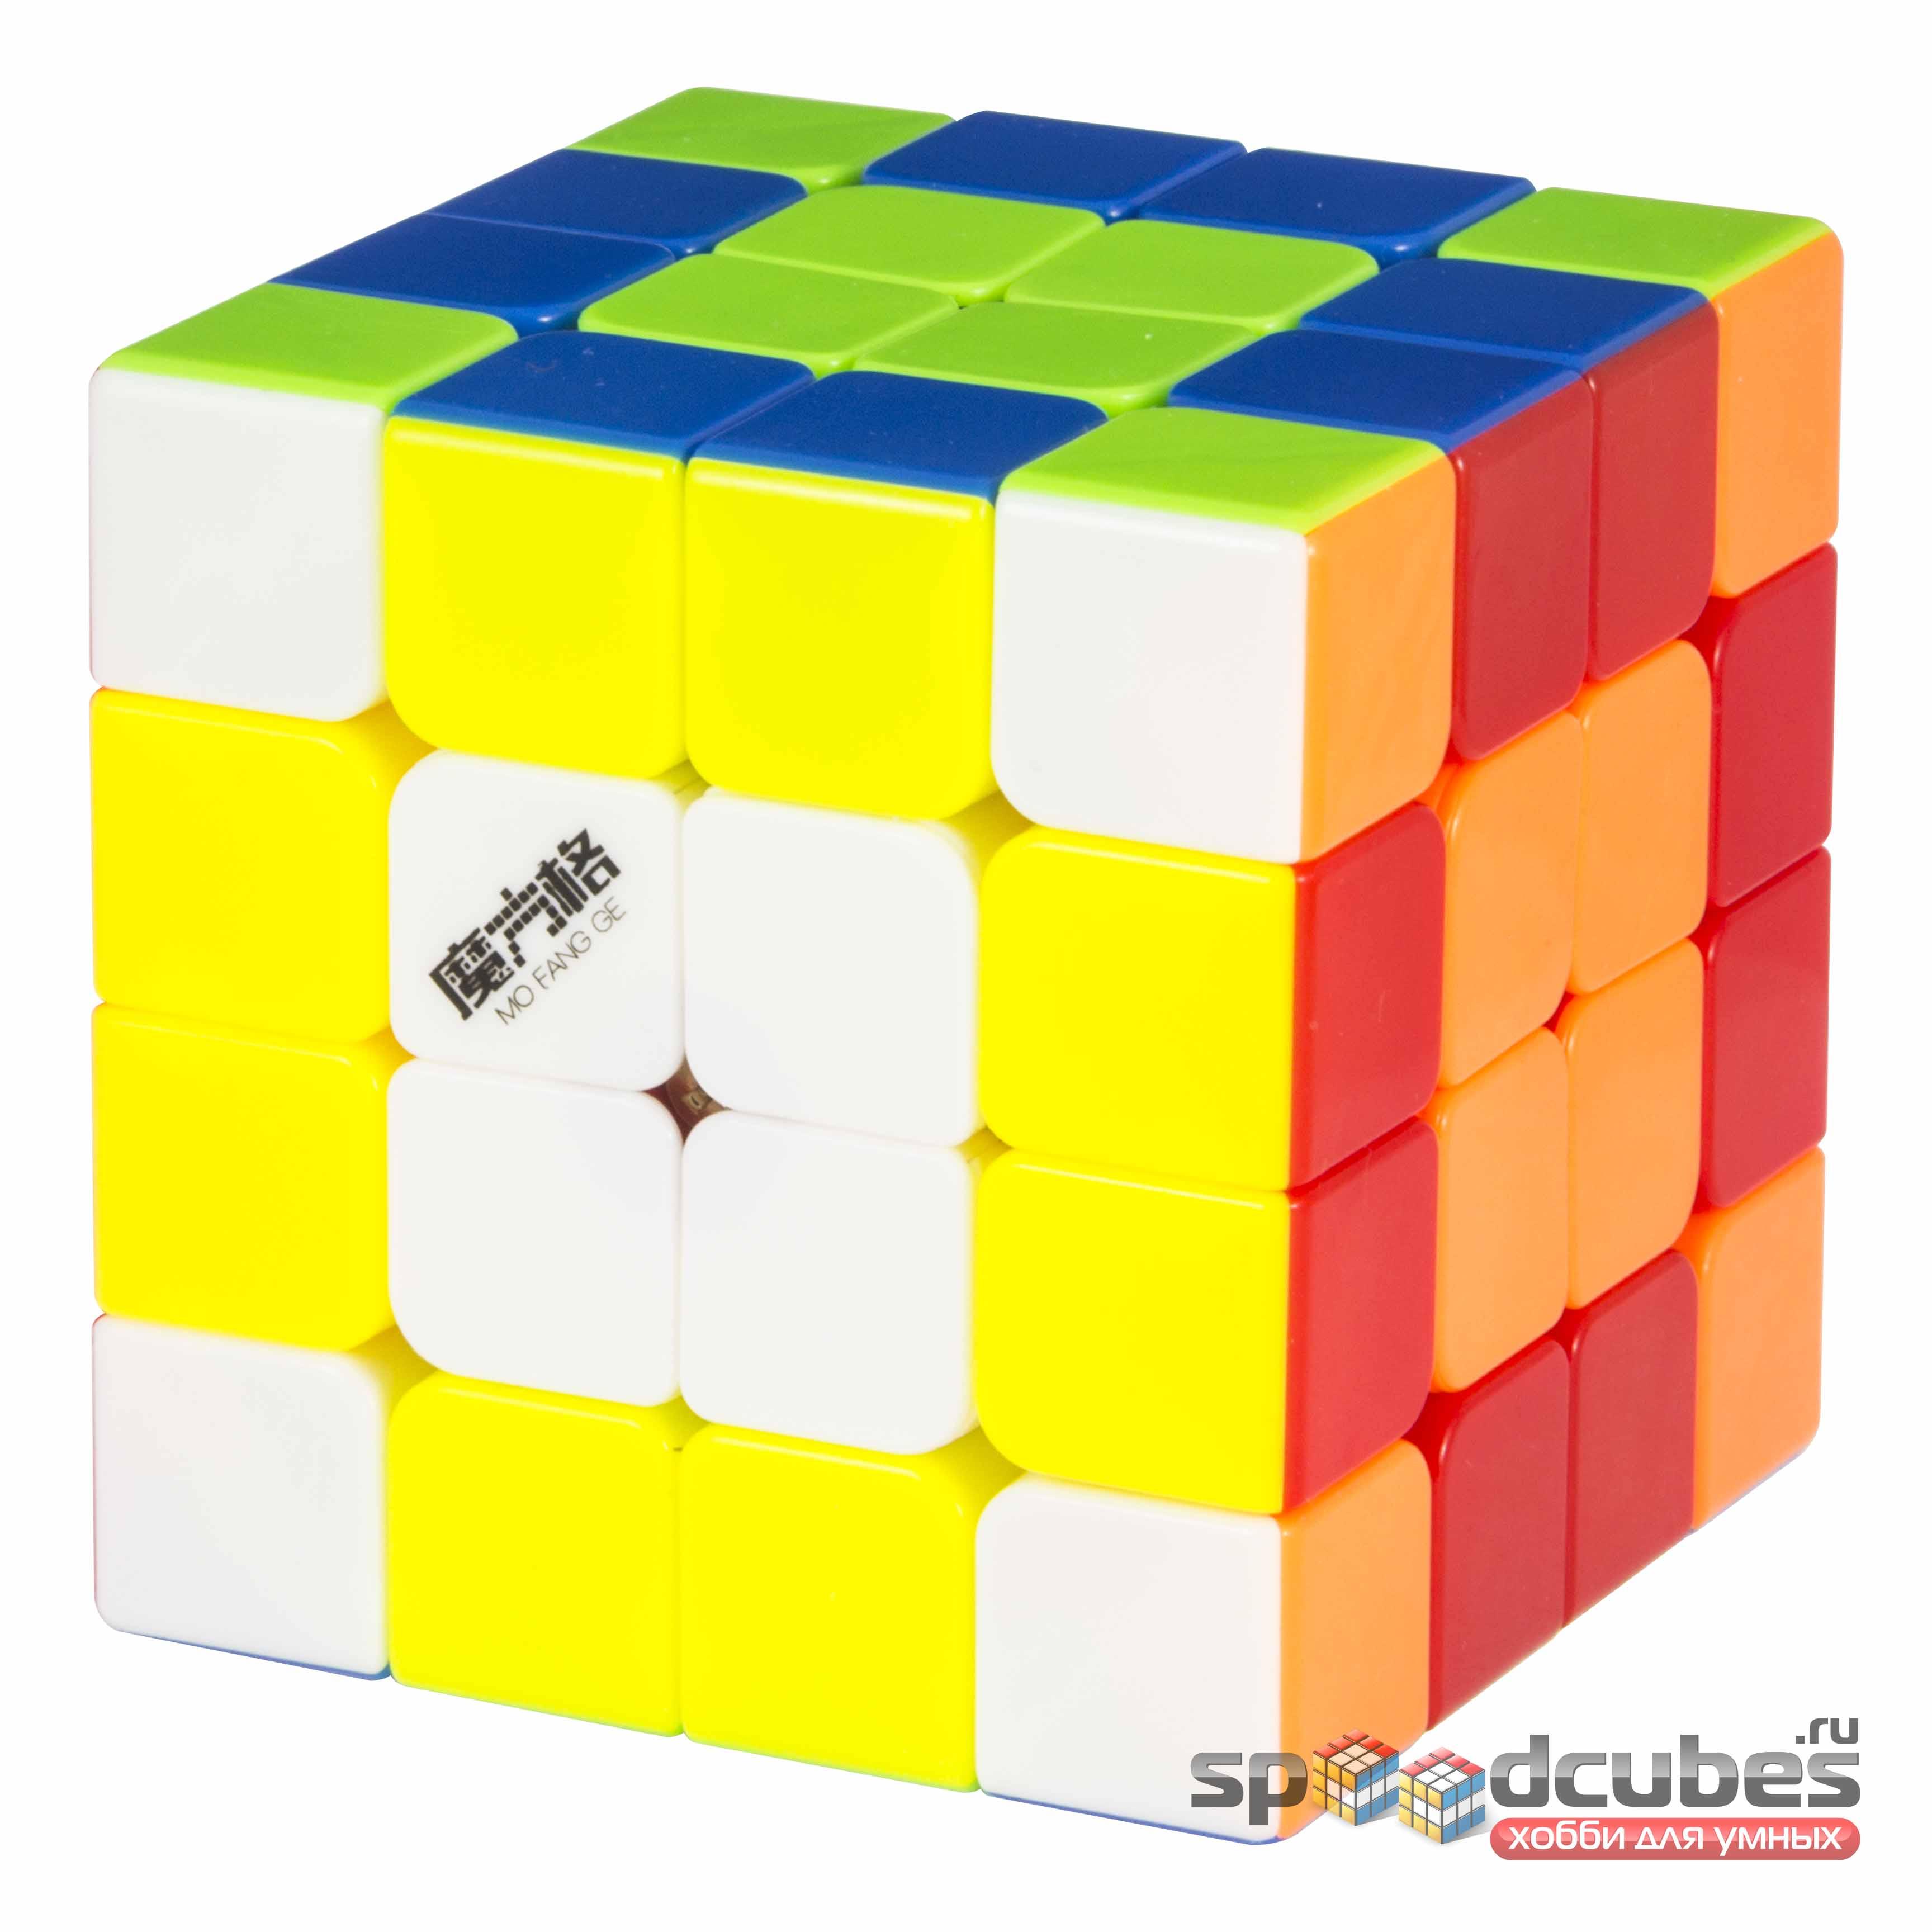 QiYi MoFangGe 4x4x4 WuQue Tsv 3